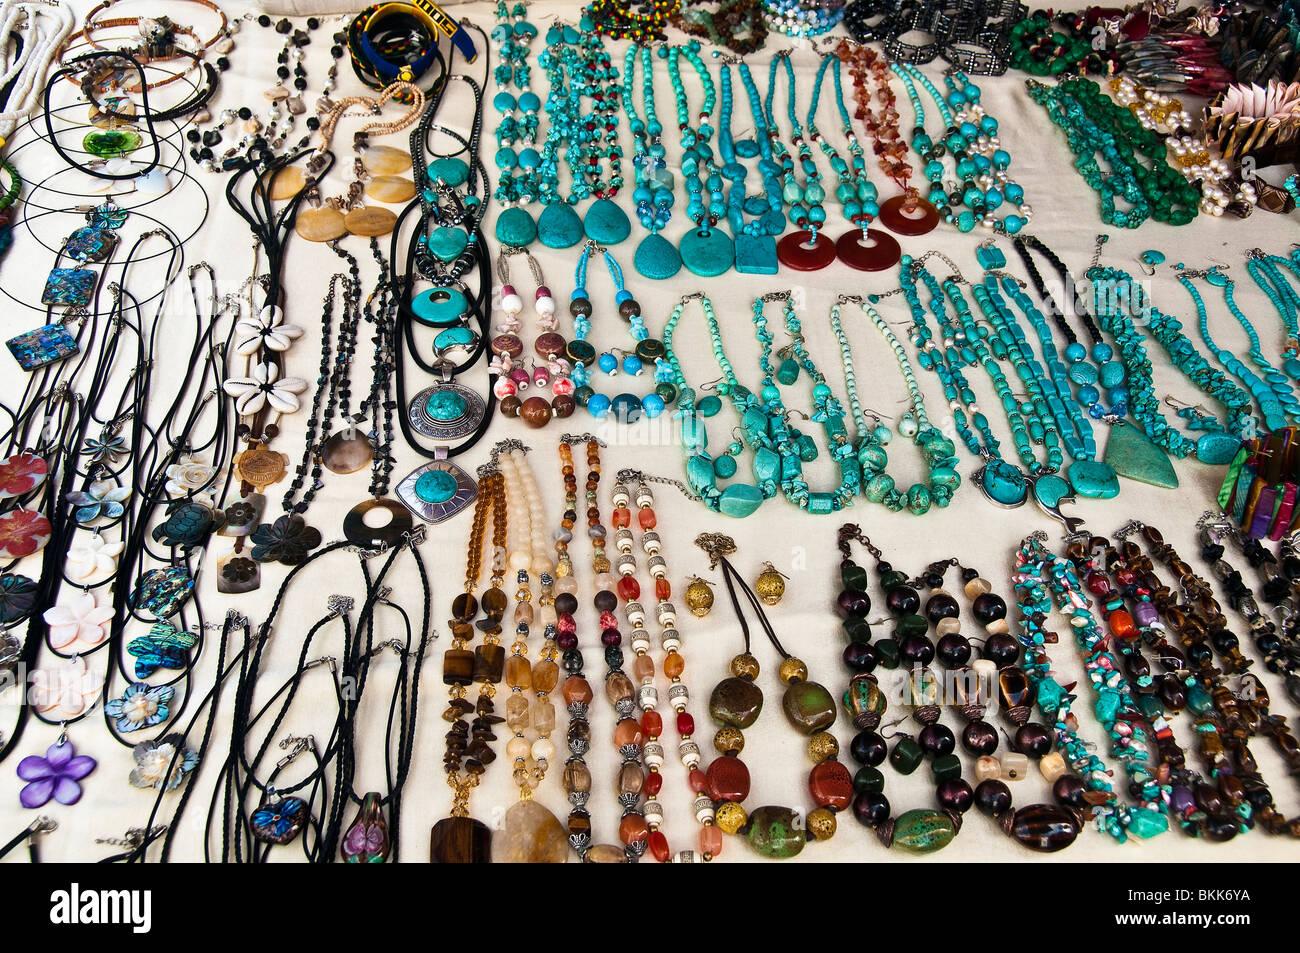 Bigiotteria gioielli in vendita da venditore ambulante di Bridgetown Barbados Indie ad ovest dei Caraibi Immagini Stock